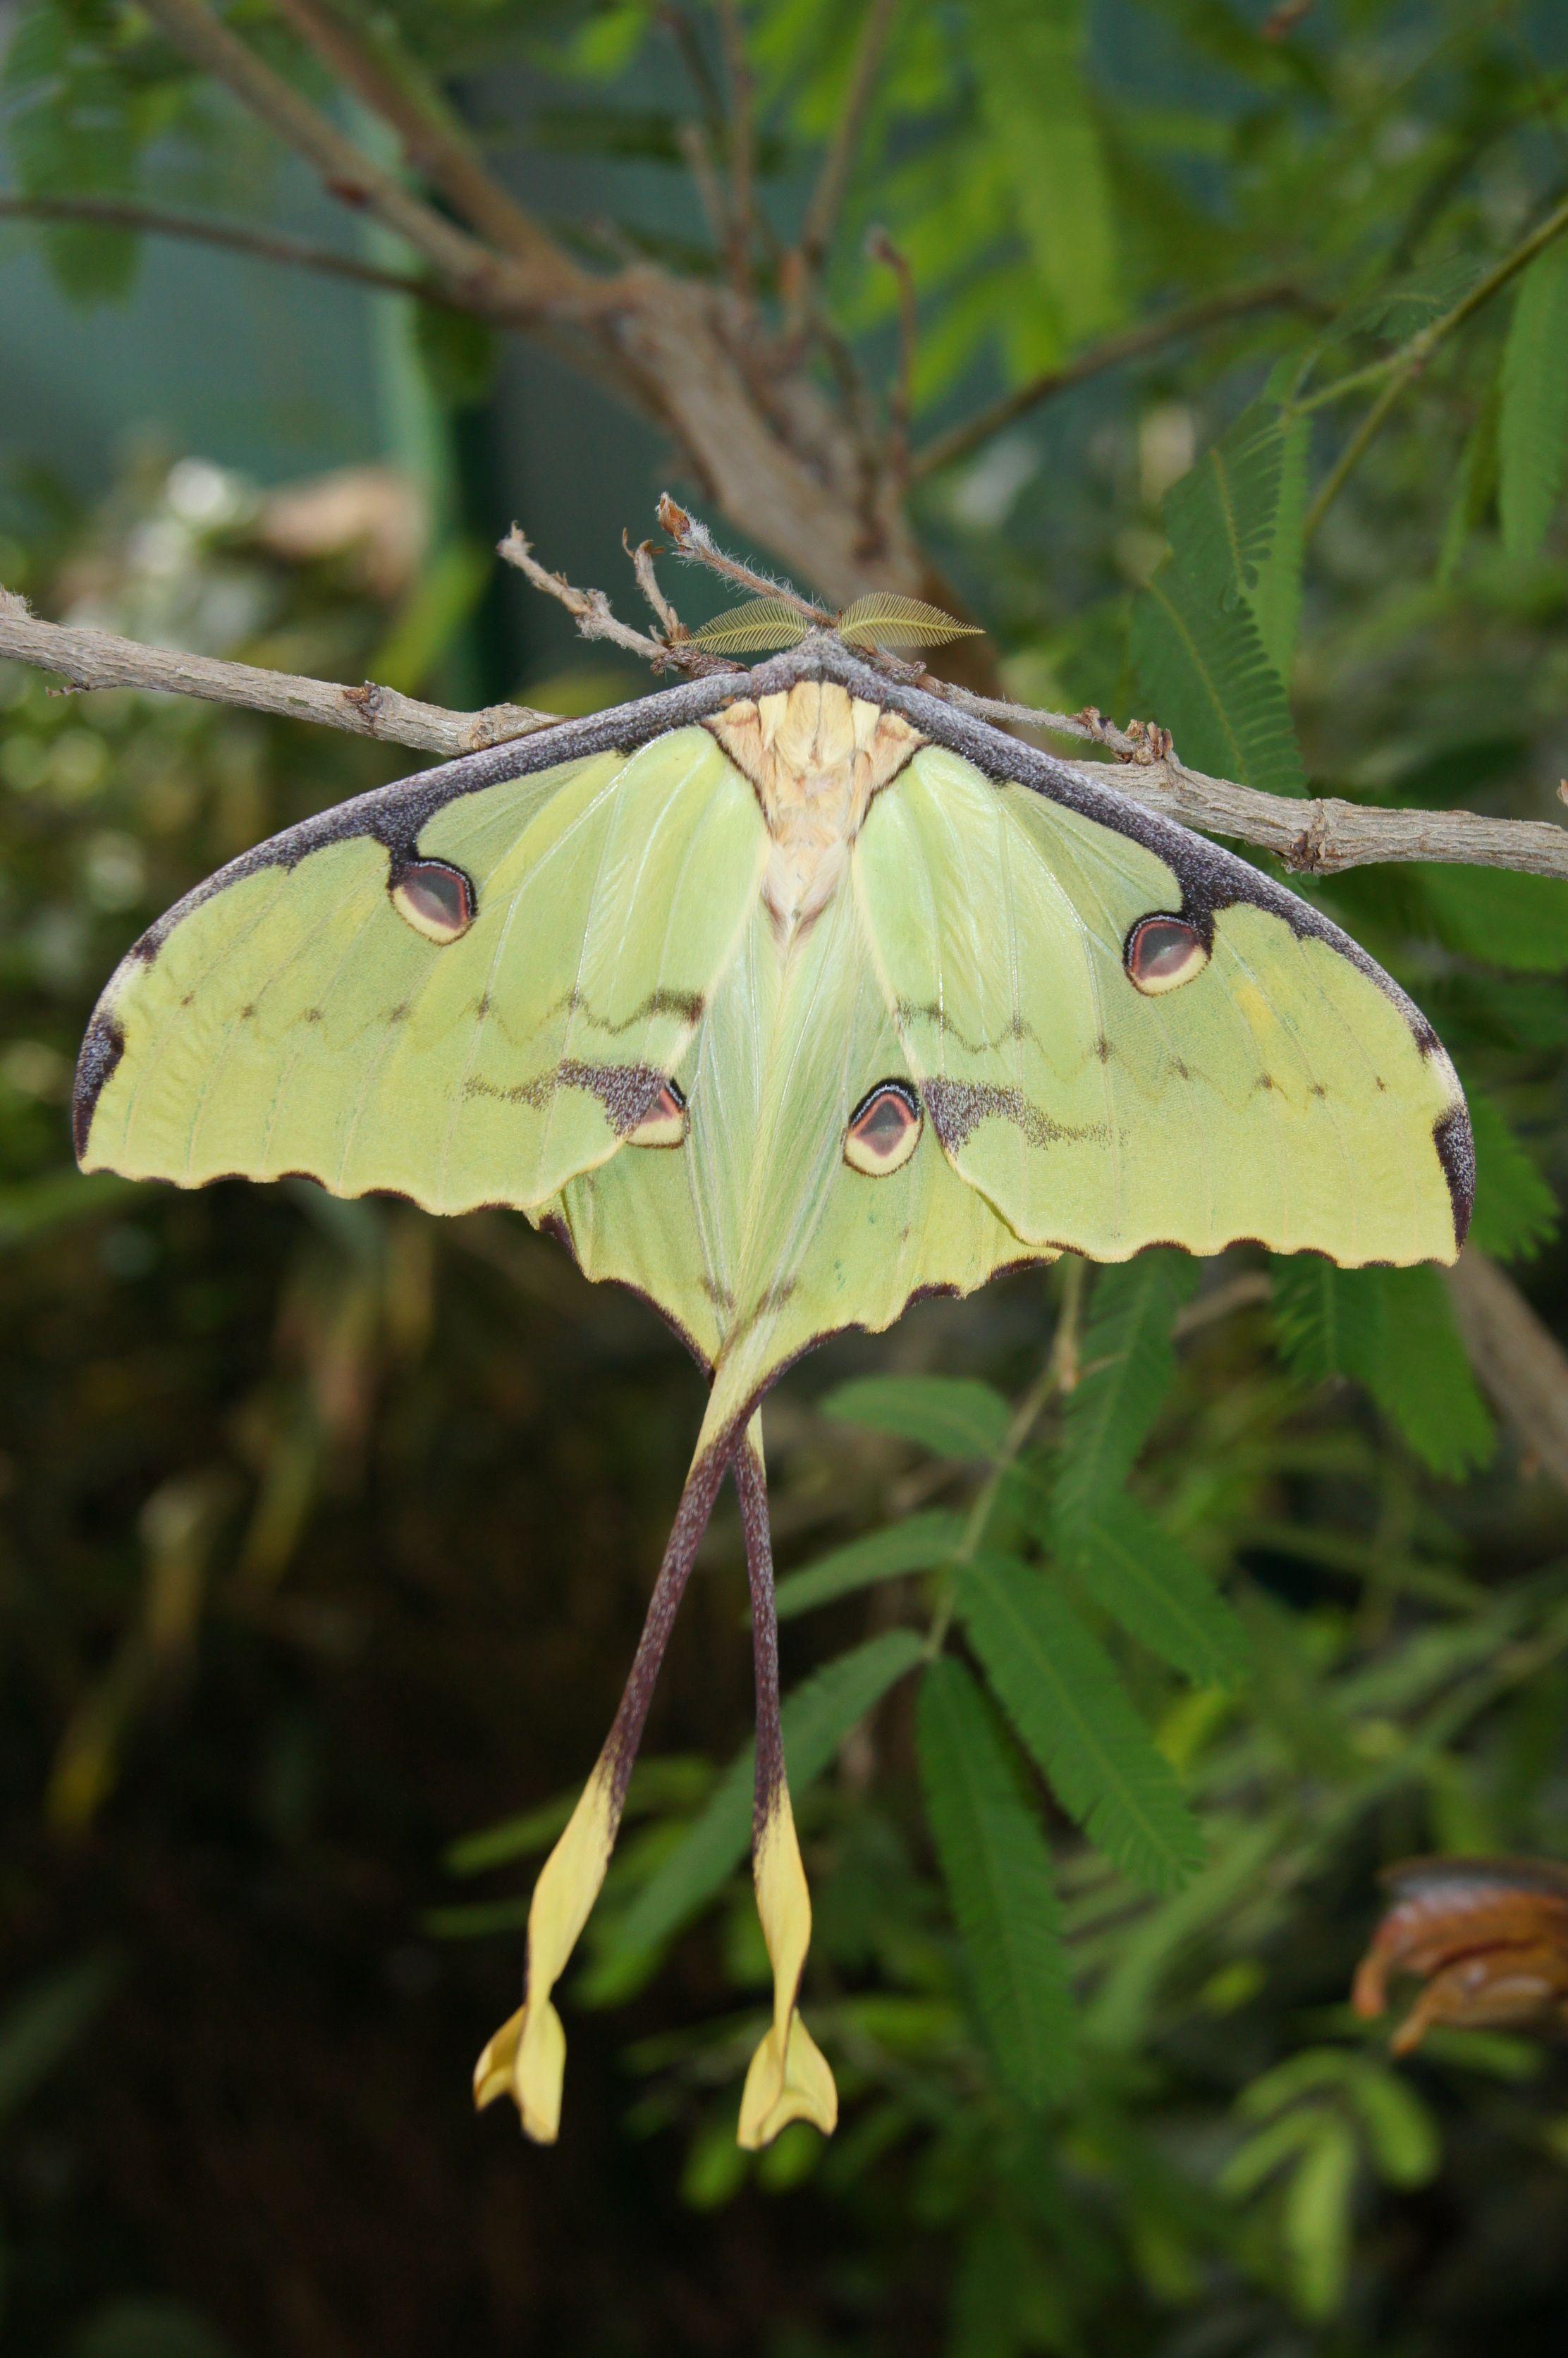 vlinder in vlindertuin gemert